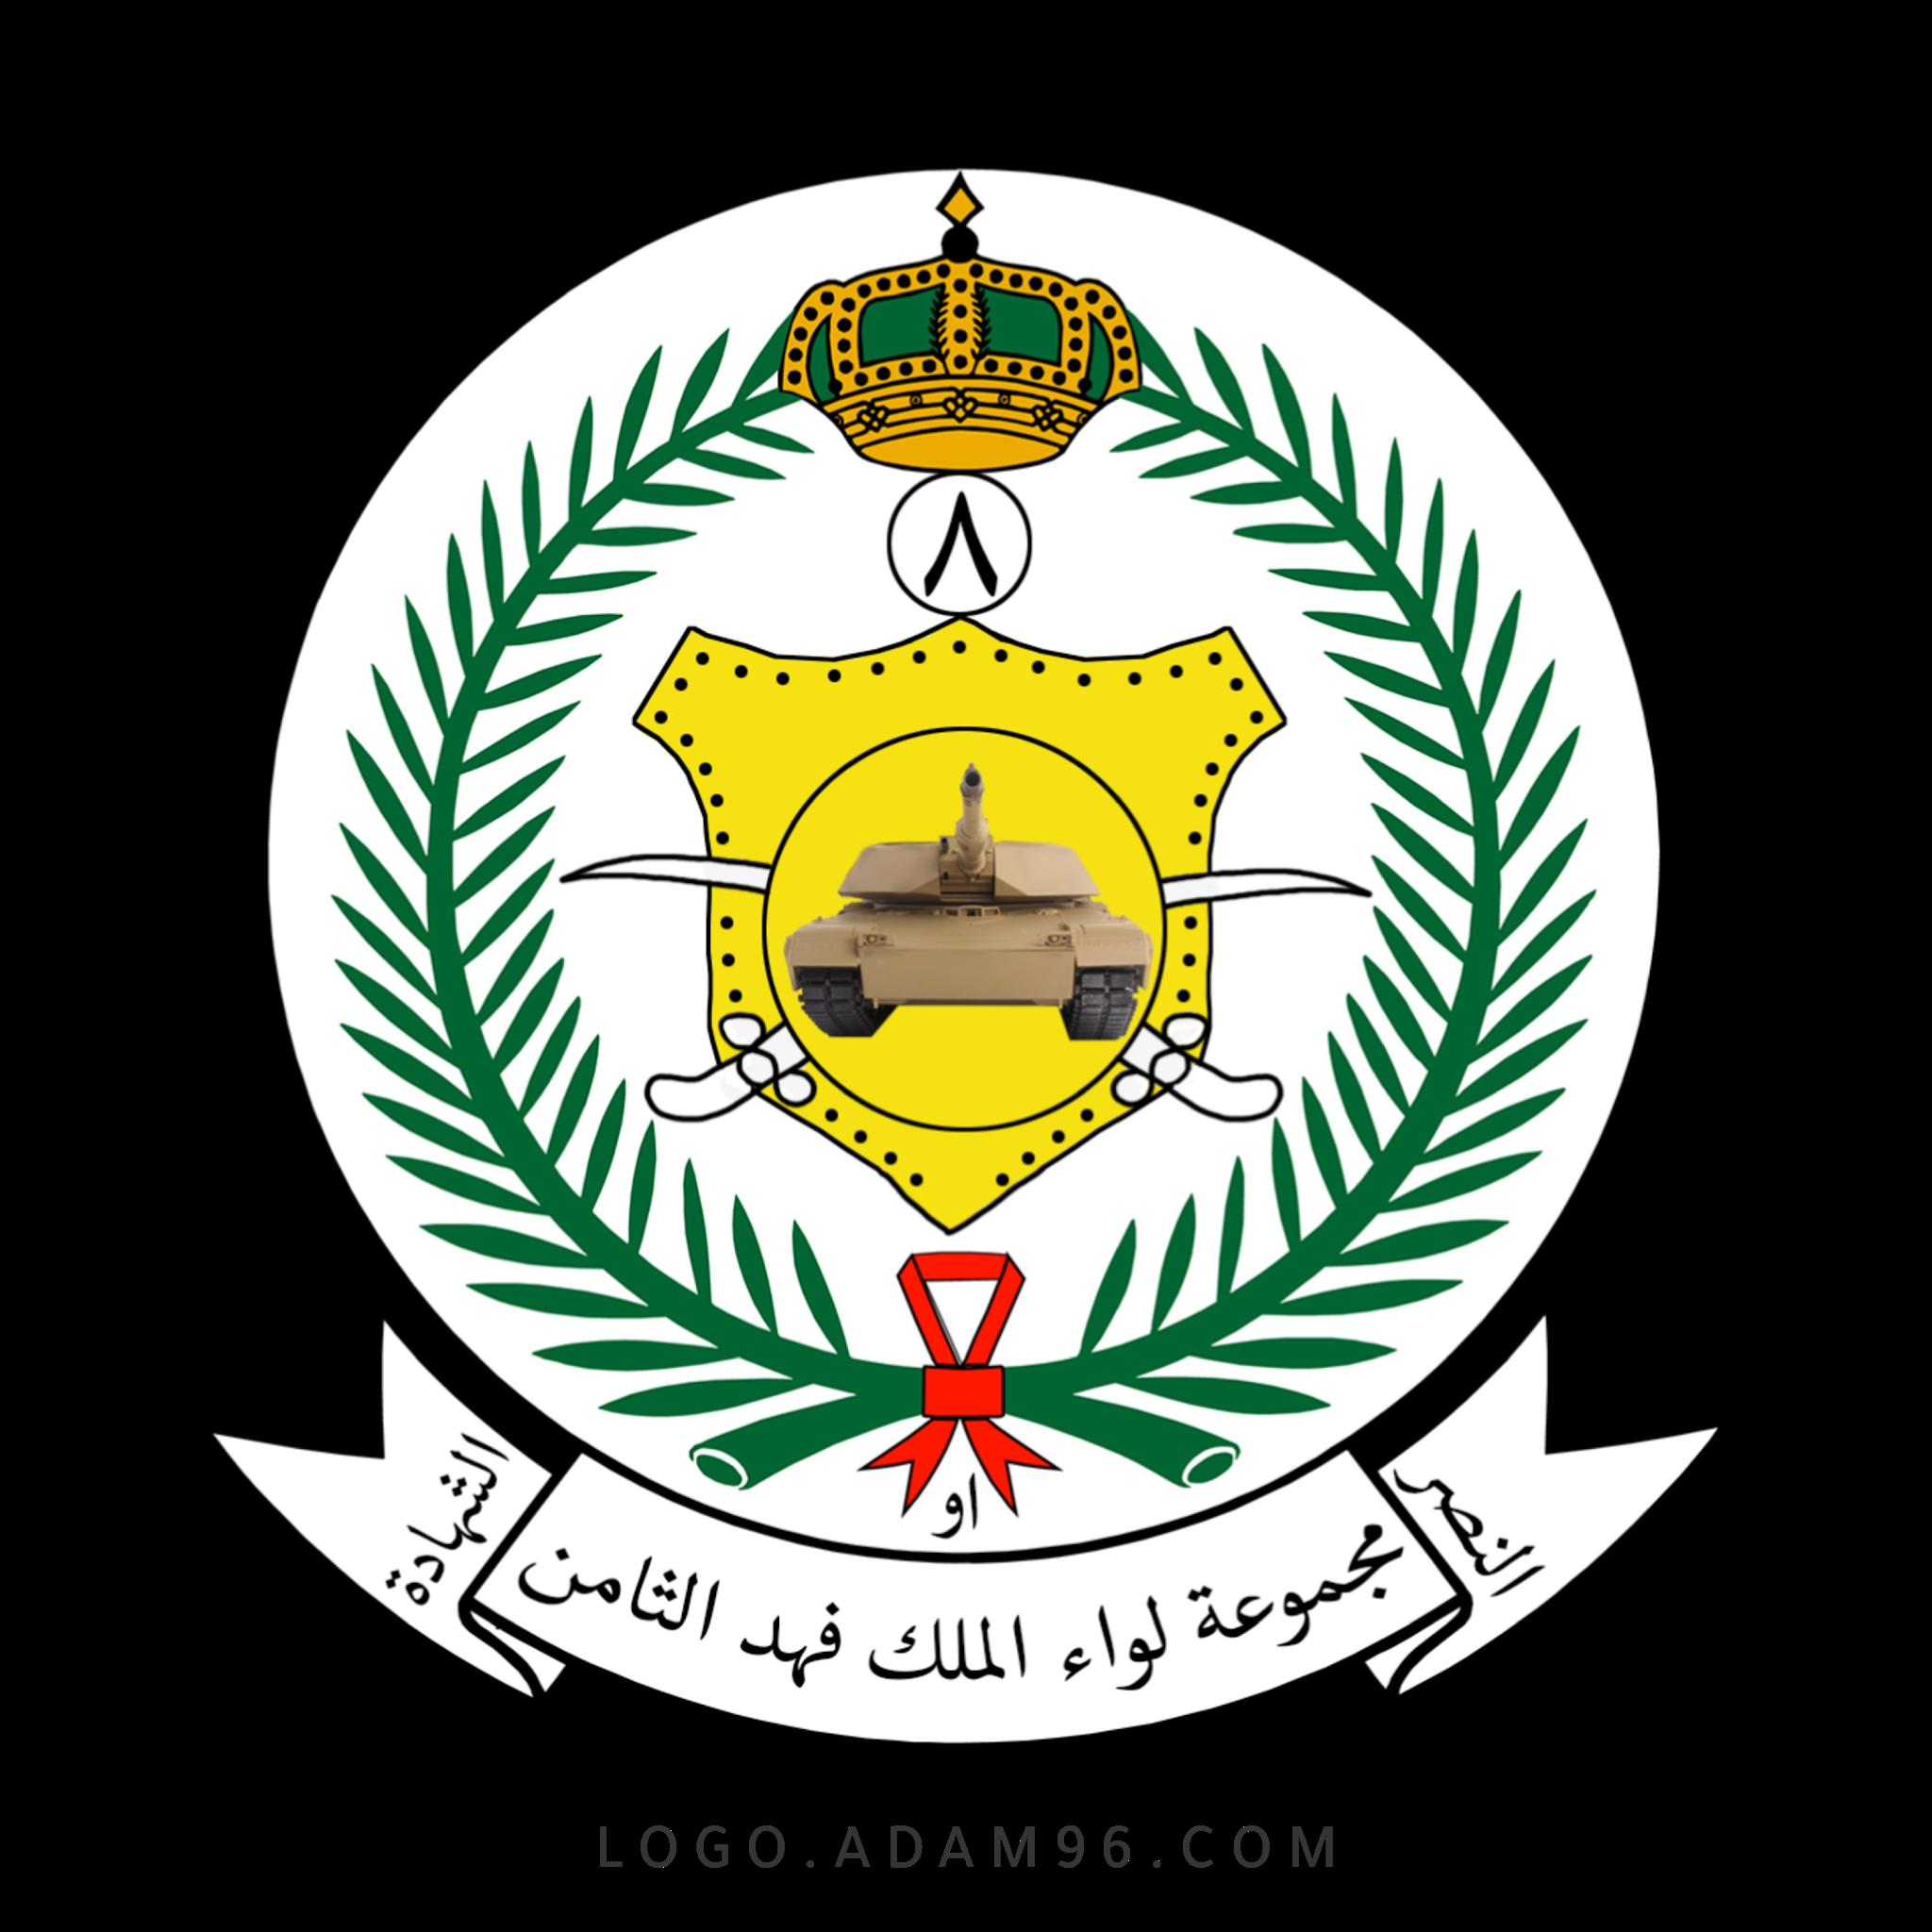 تحميل شعار مجموعة لواء الملك فهد الثامن لوجو رسمي بجودة عالية PNG